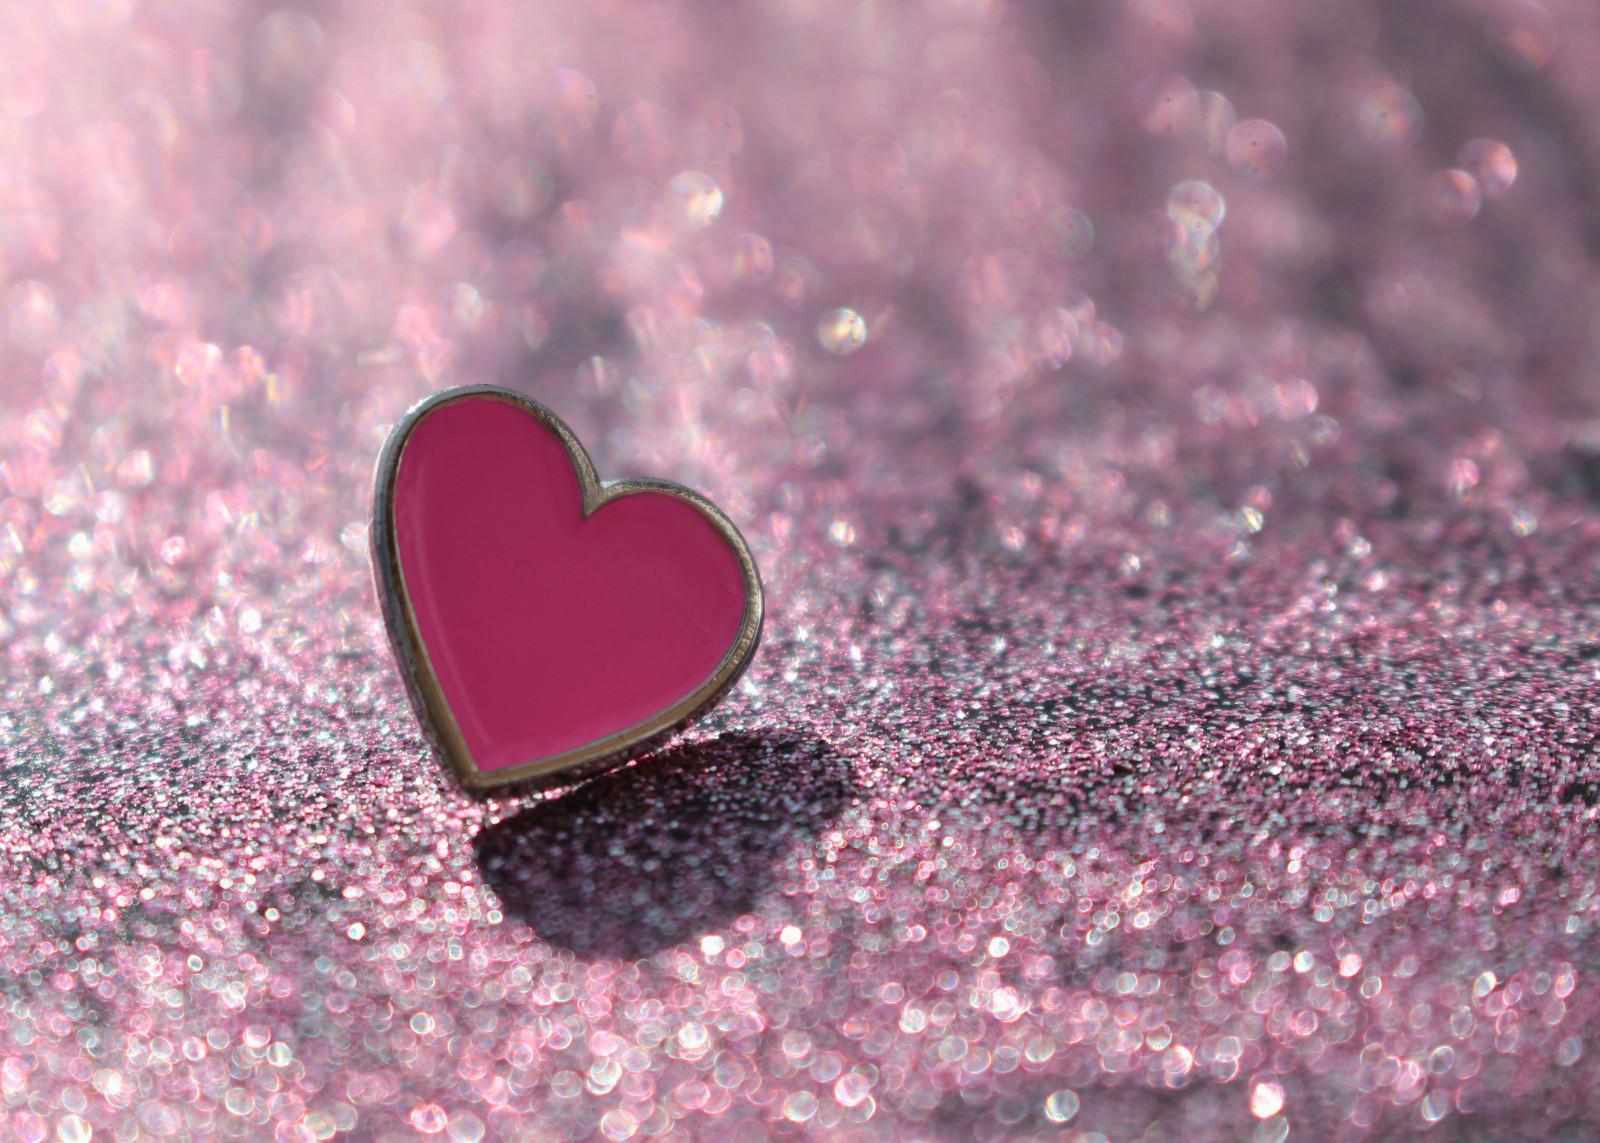 デスクトップ壁紙 愛 ハート ボケ バレンタイン キラキラ 銀